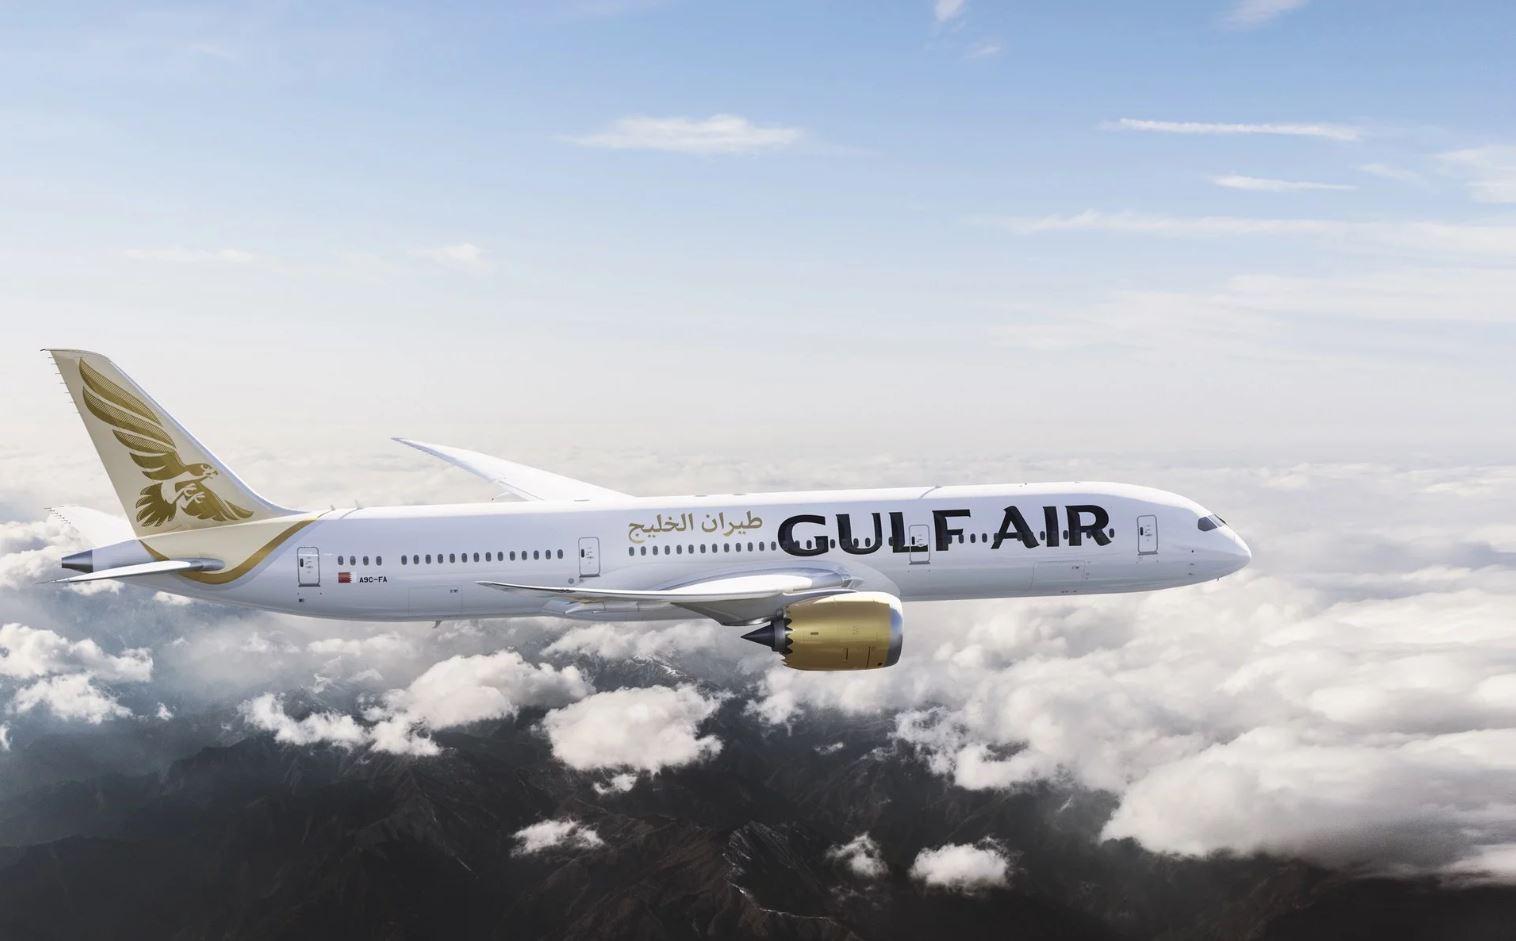 Gulf Air.